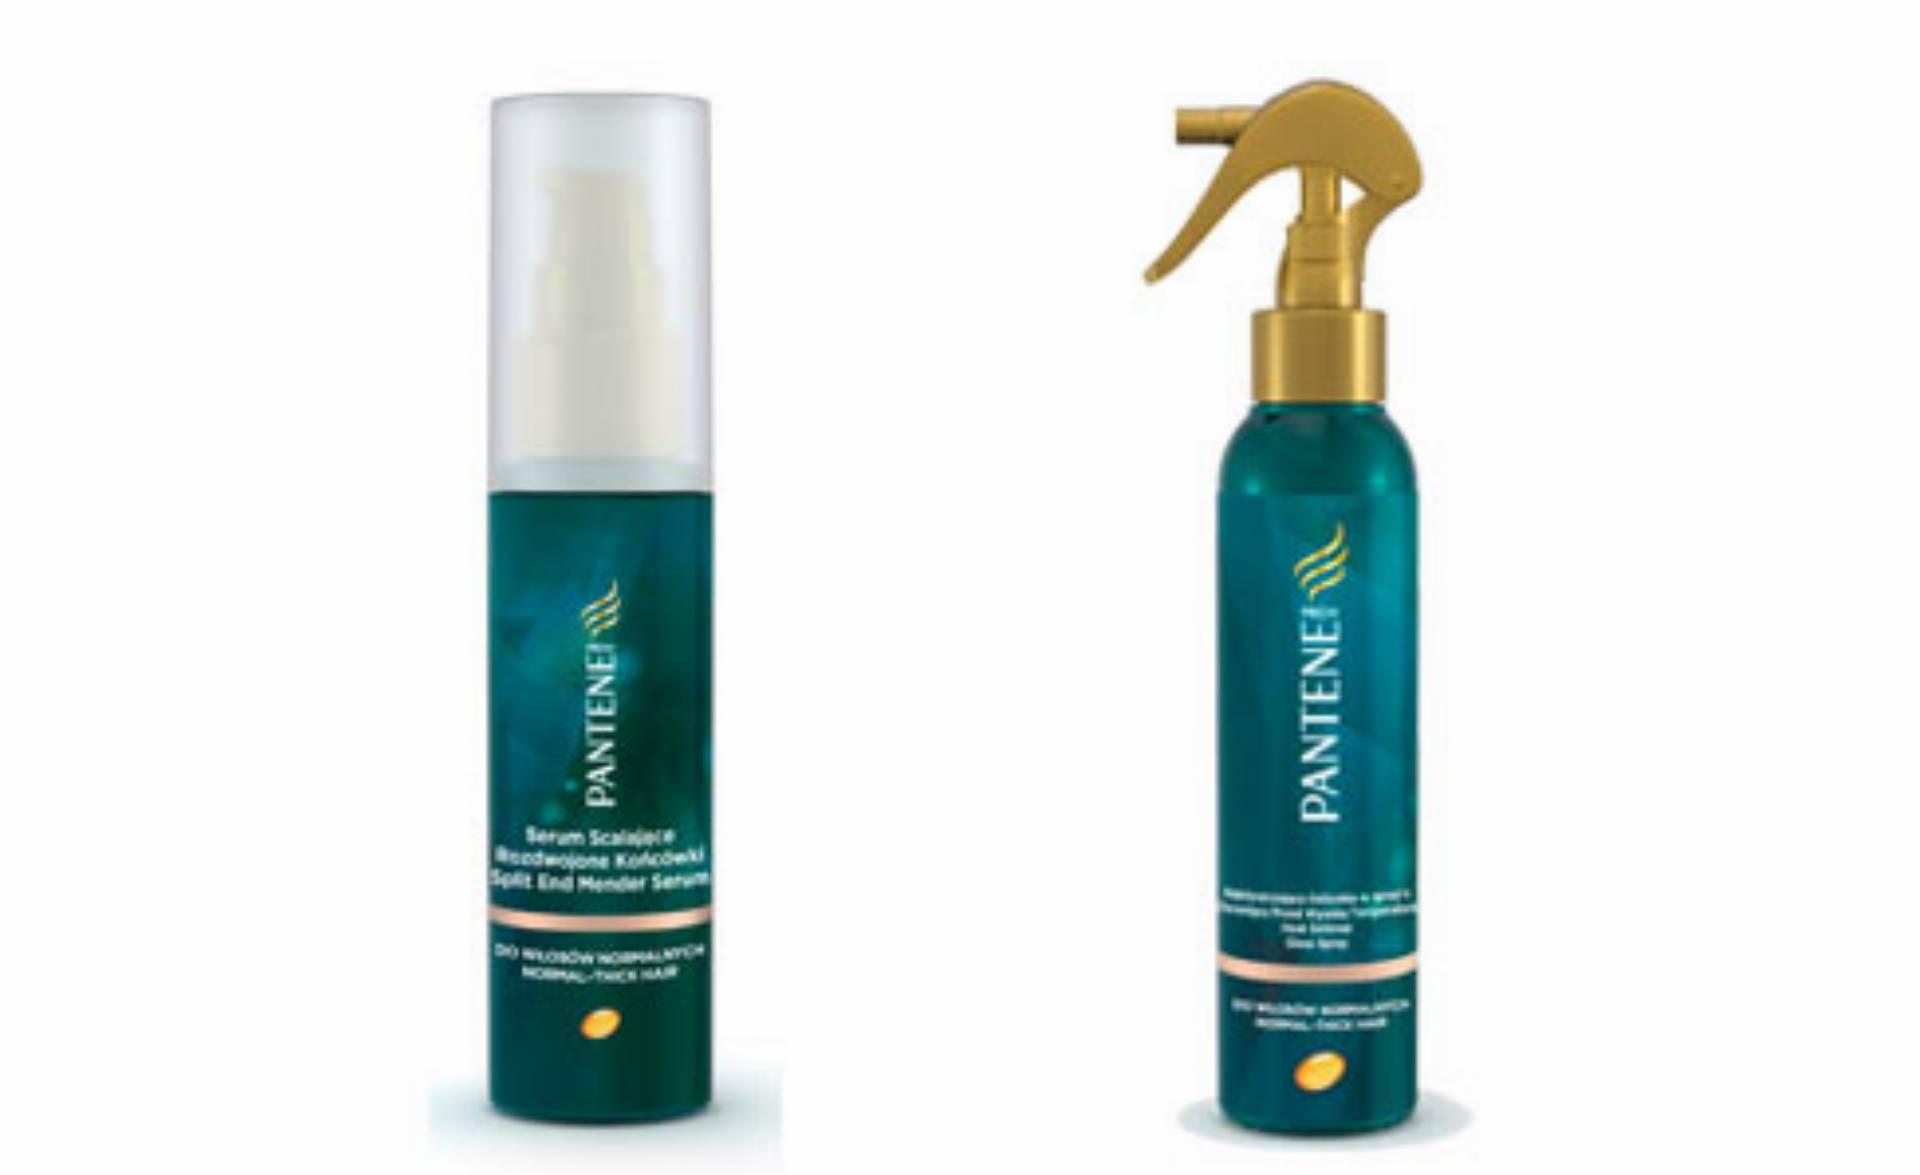 Pantene - serum i odzywka